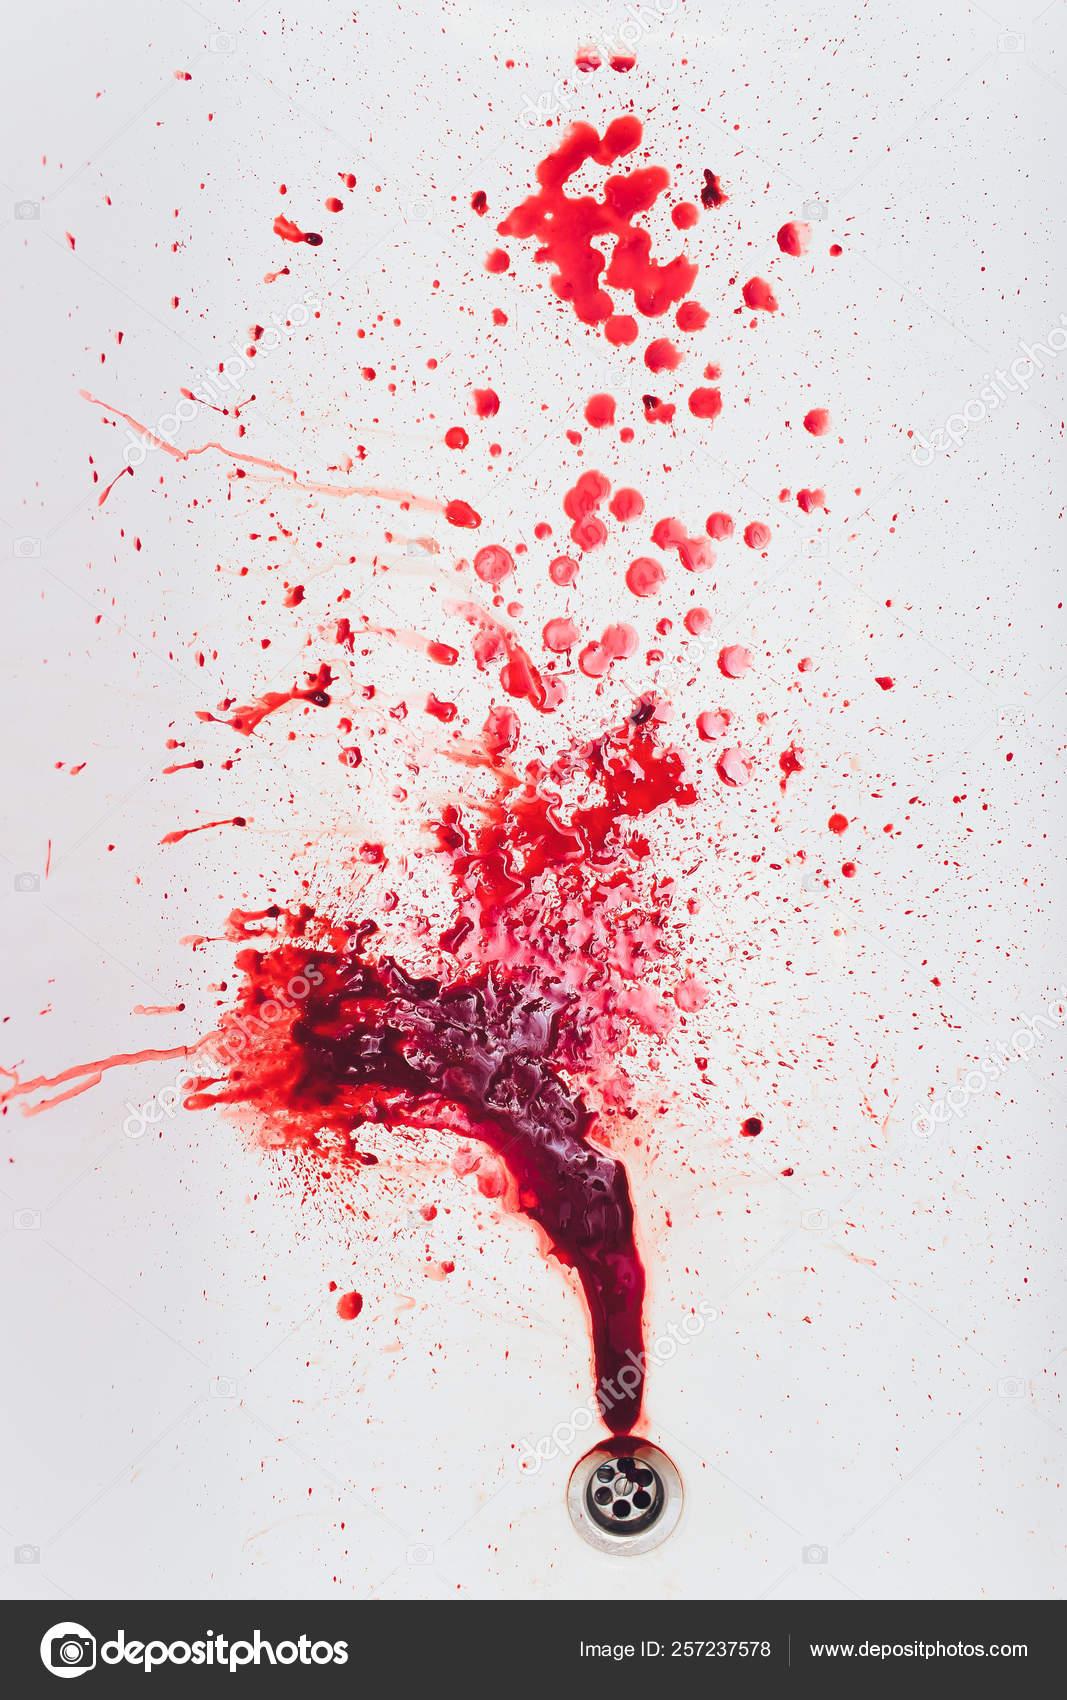 vörös vérfolt a lábán